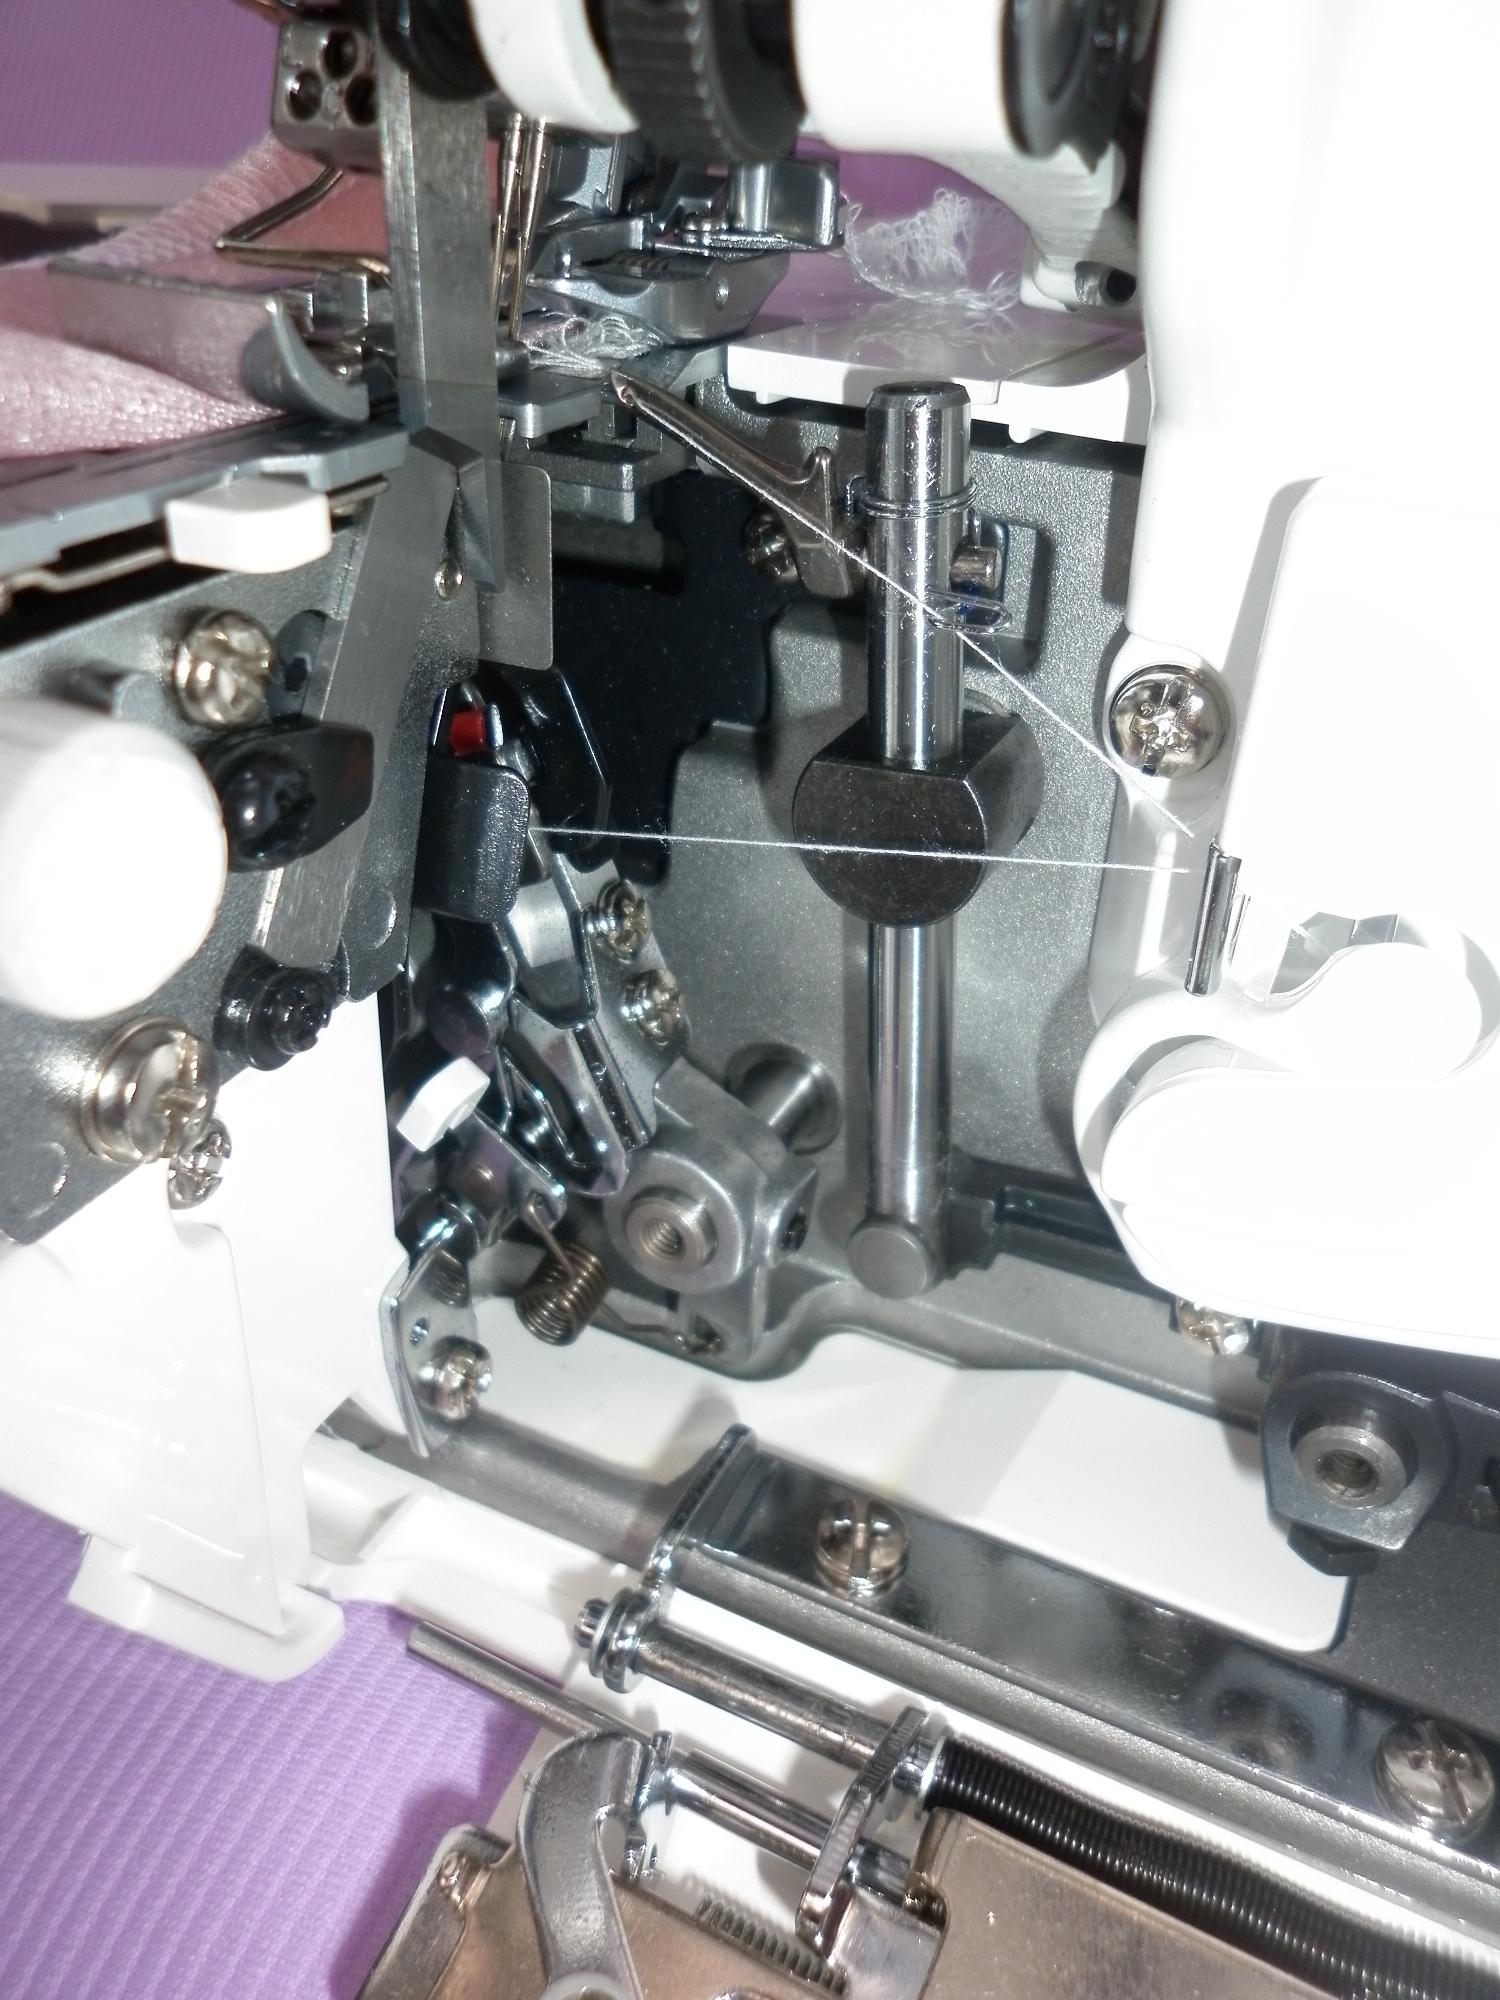 Коверлок JUKI MO 735 ( оверлок - распошивальная швейная машина ), внутреннее устройство механизма коверлока.